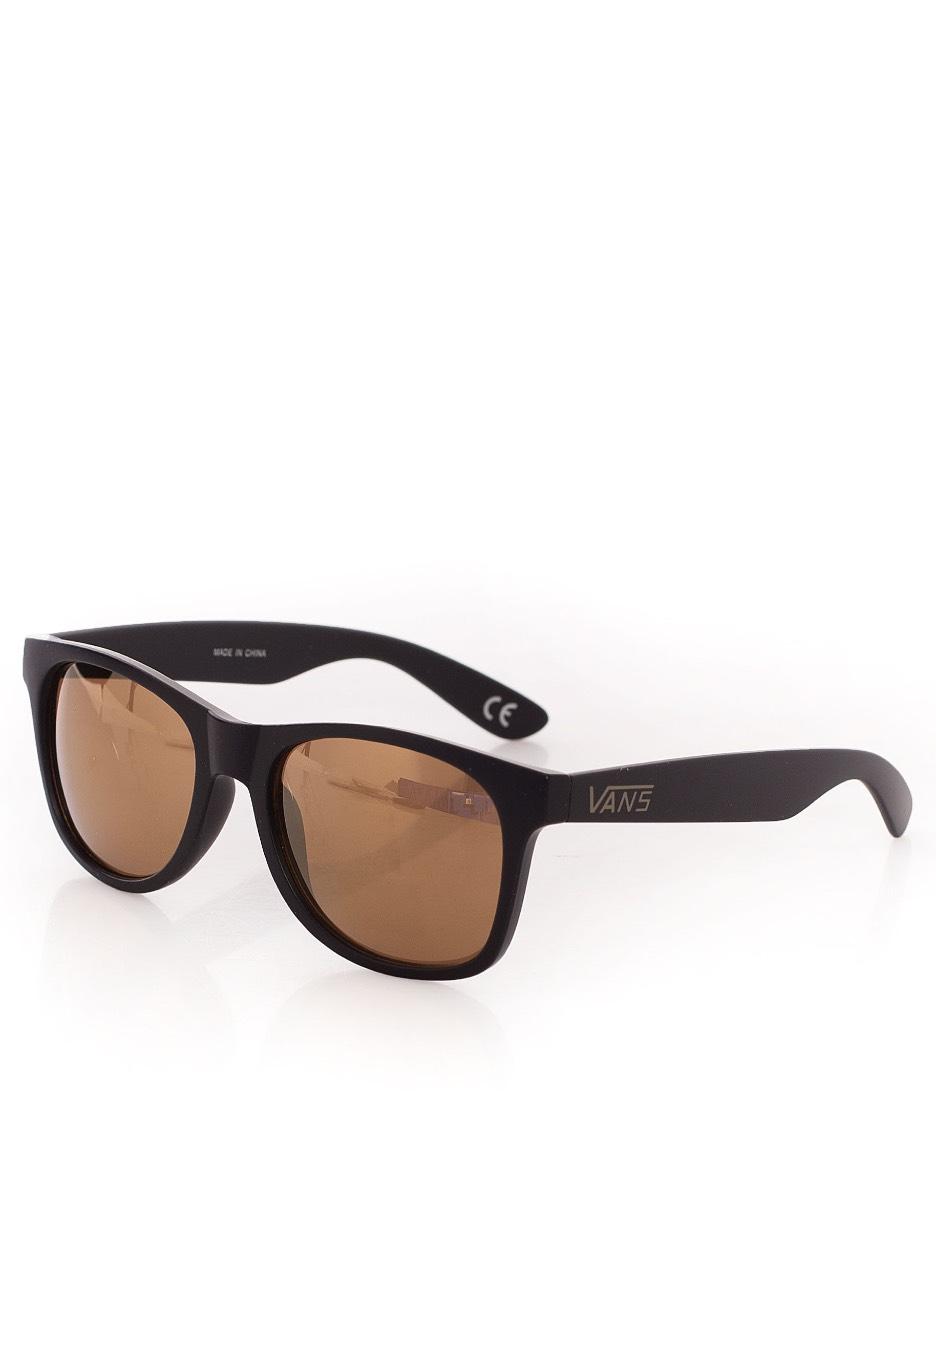 91a47a0304da34 Vans - Spicoli 4 Shades Matte Black Bronze - Sunglasses - Impericon.com  Worldwide